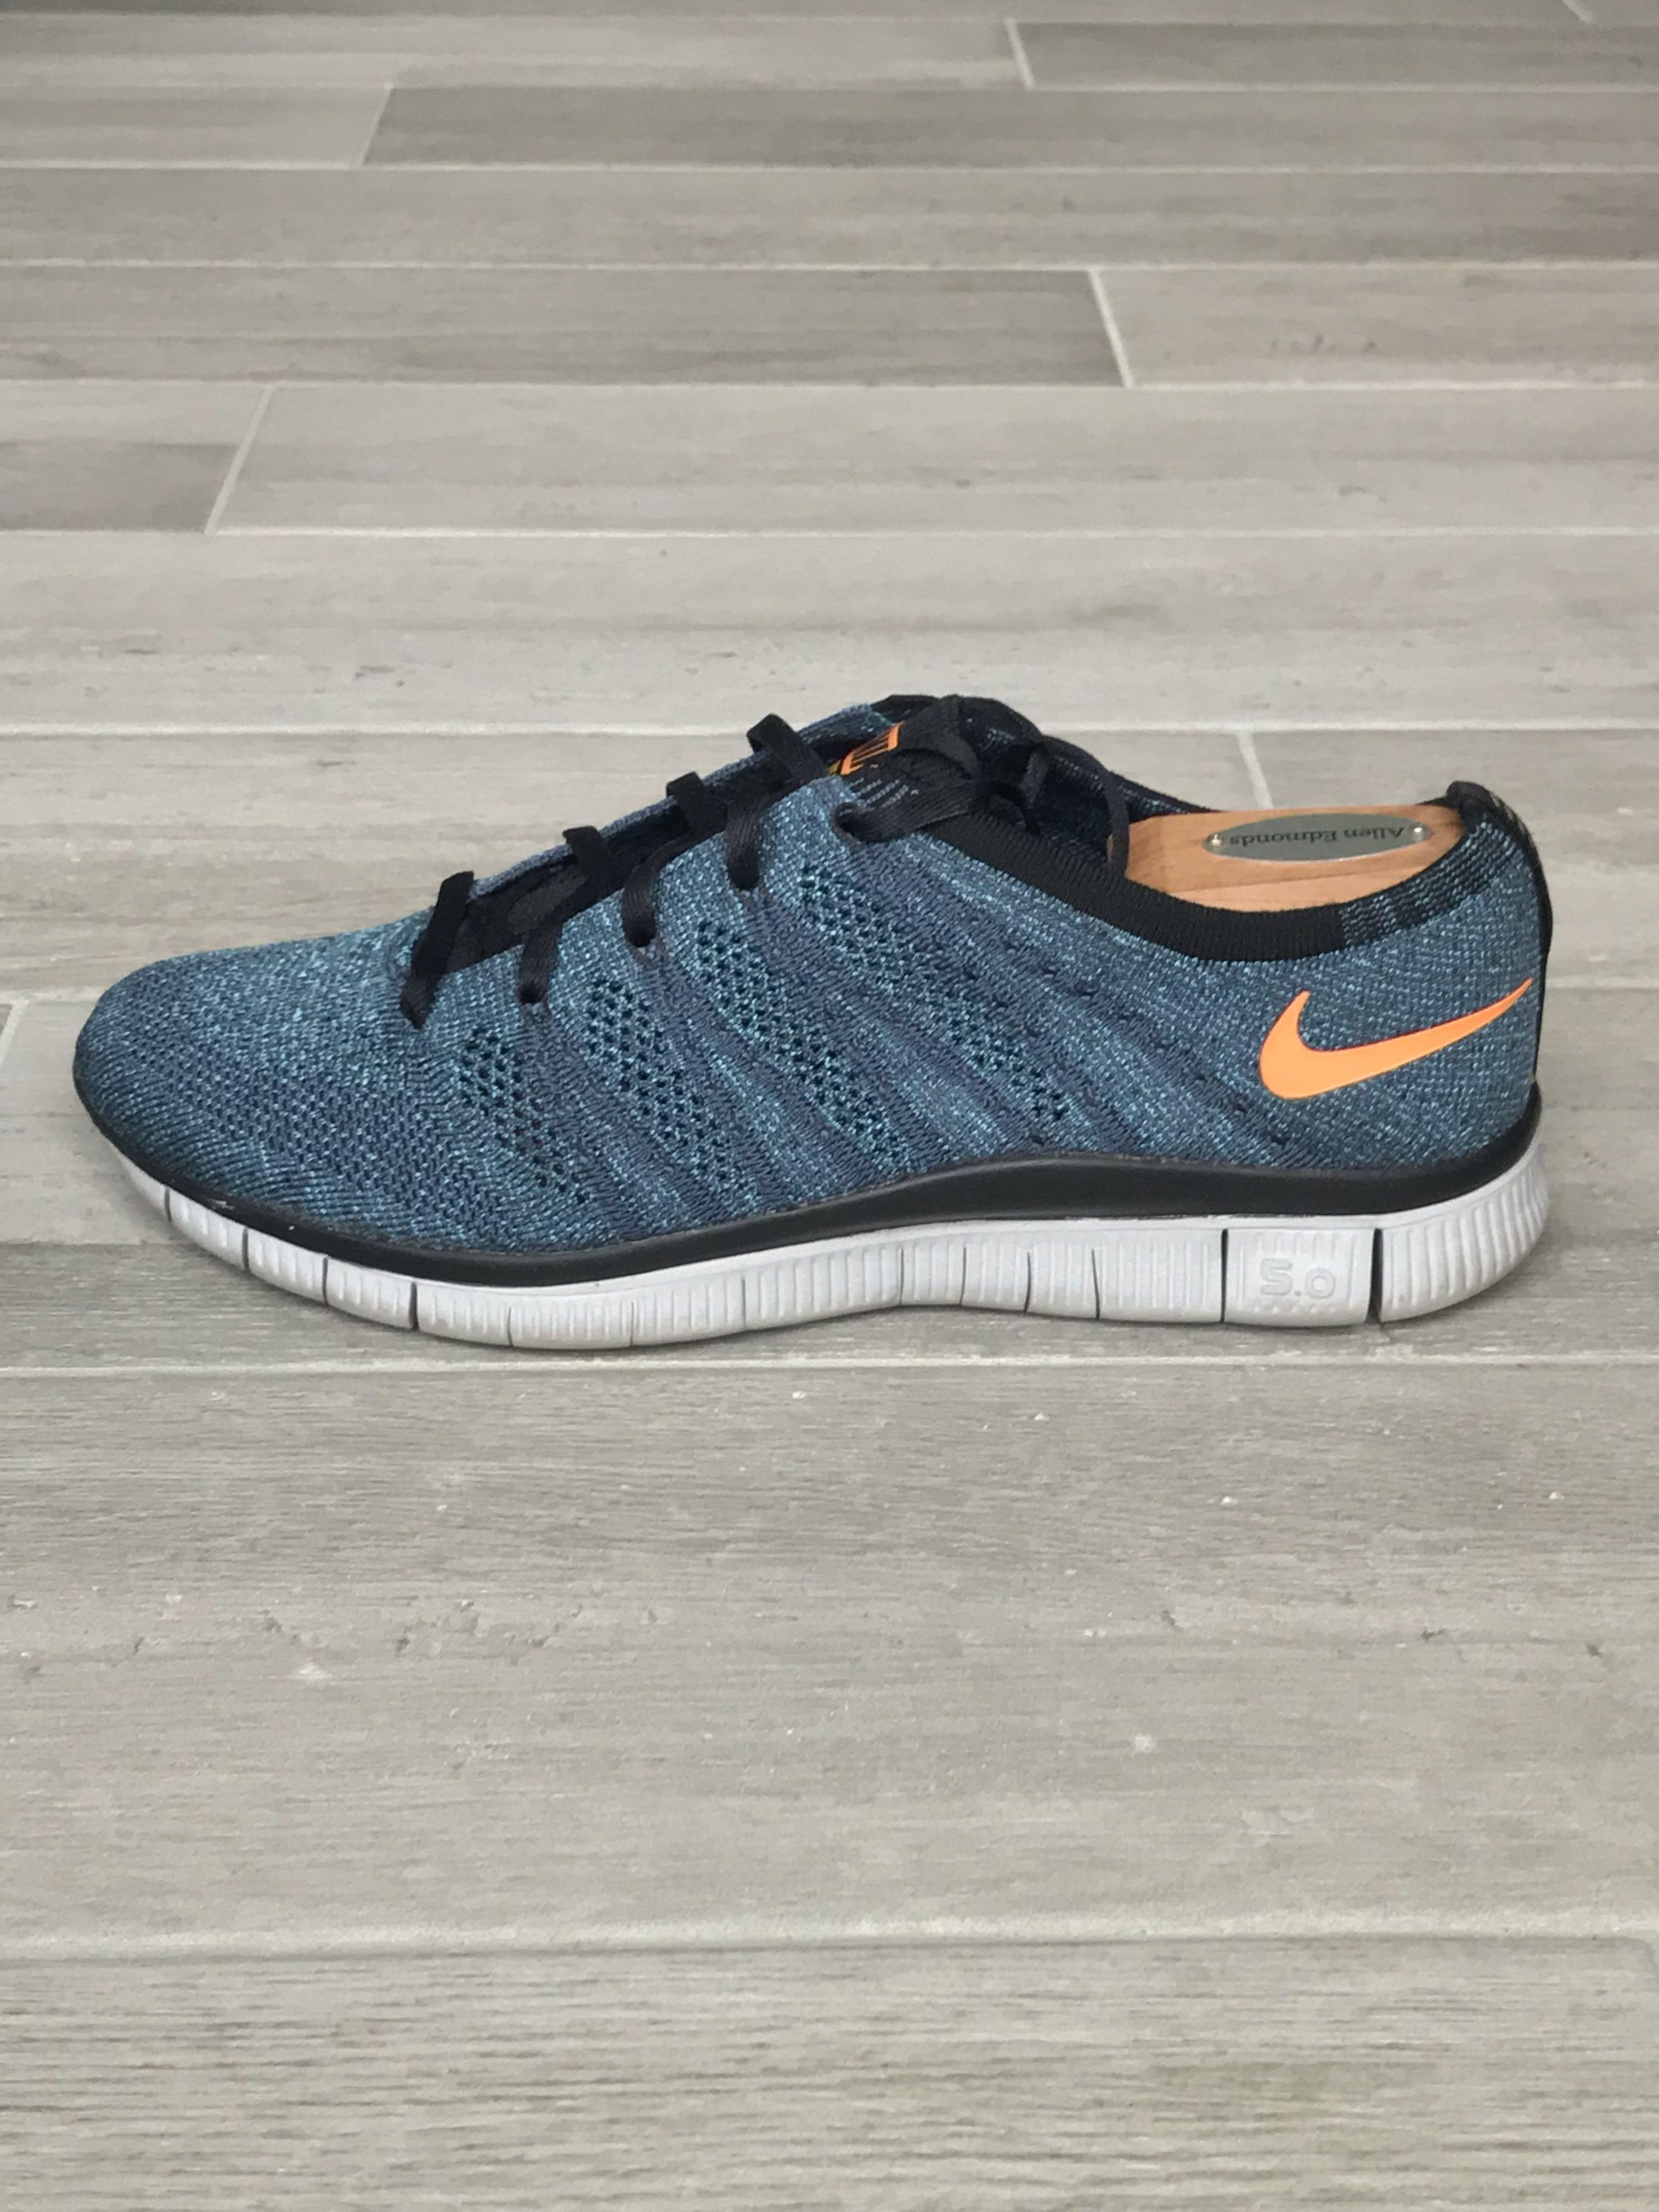 brand new 9d874 73305 Nike Free 5.0 Flyknit NSW, Men s Fashion, Footwear, Sneakers on ...